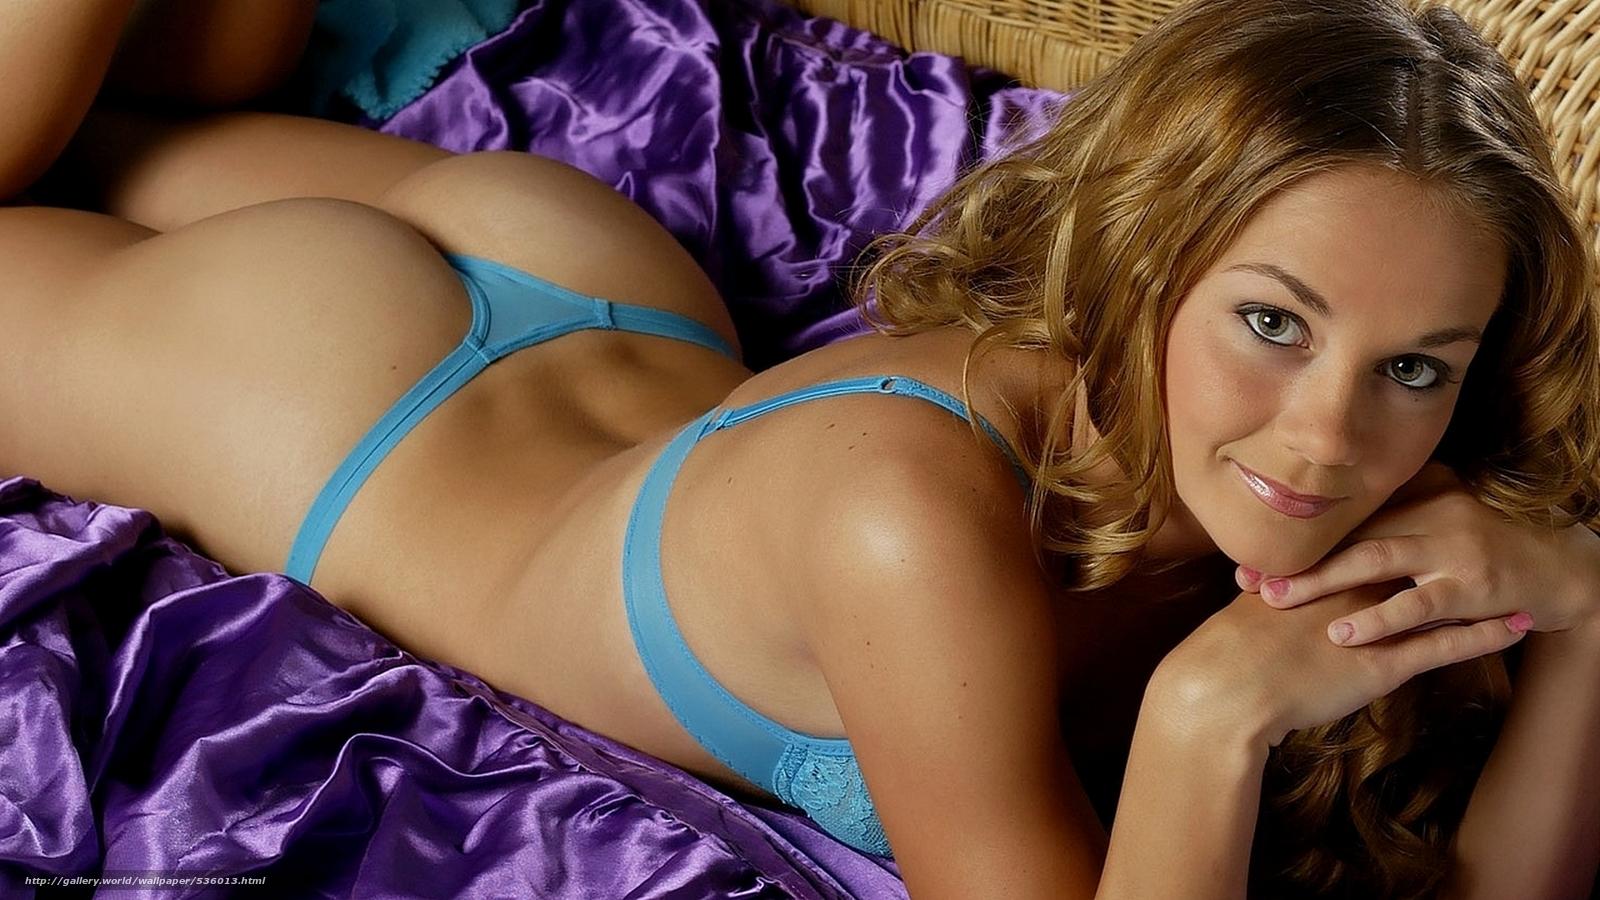 Смотреть порно с девкой в синем лифчике 2 фотография